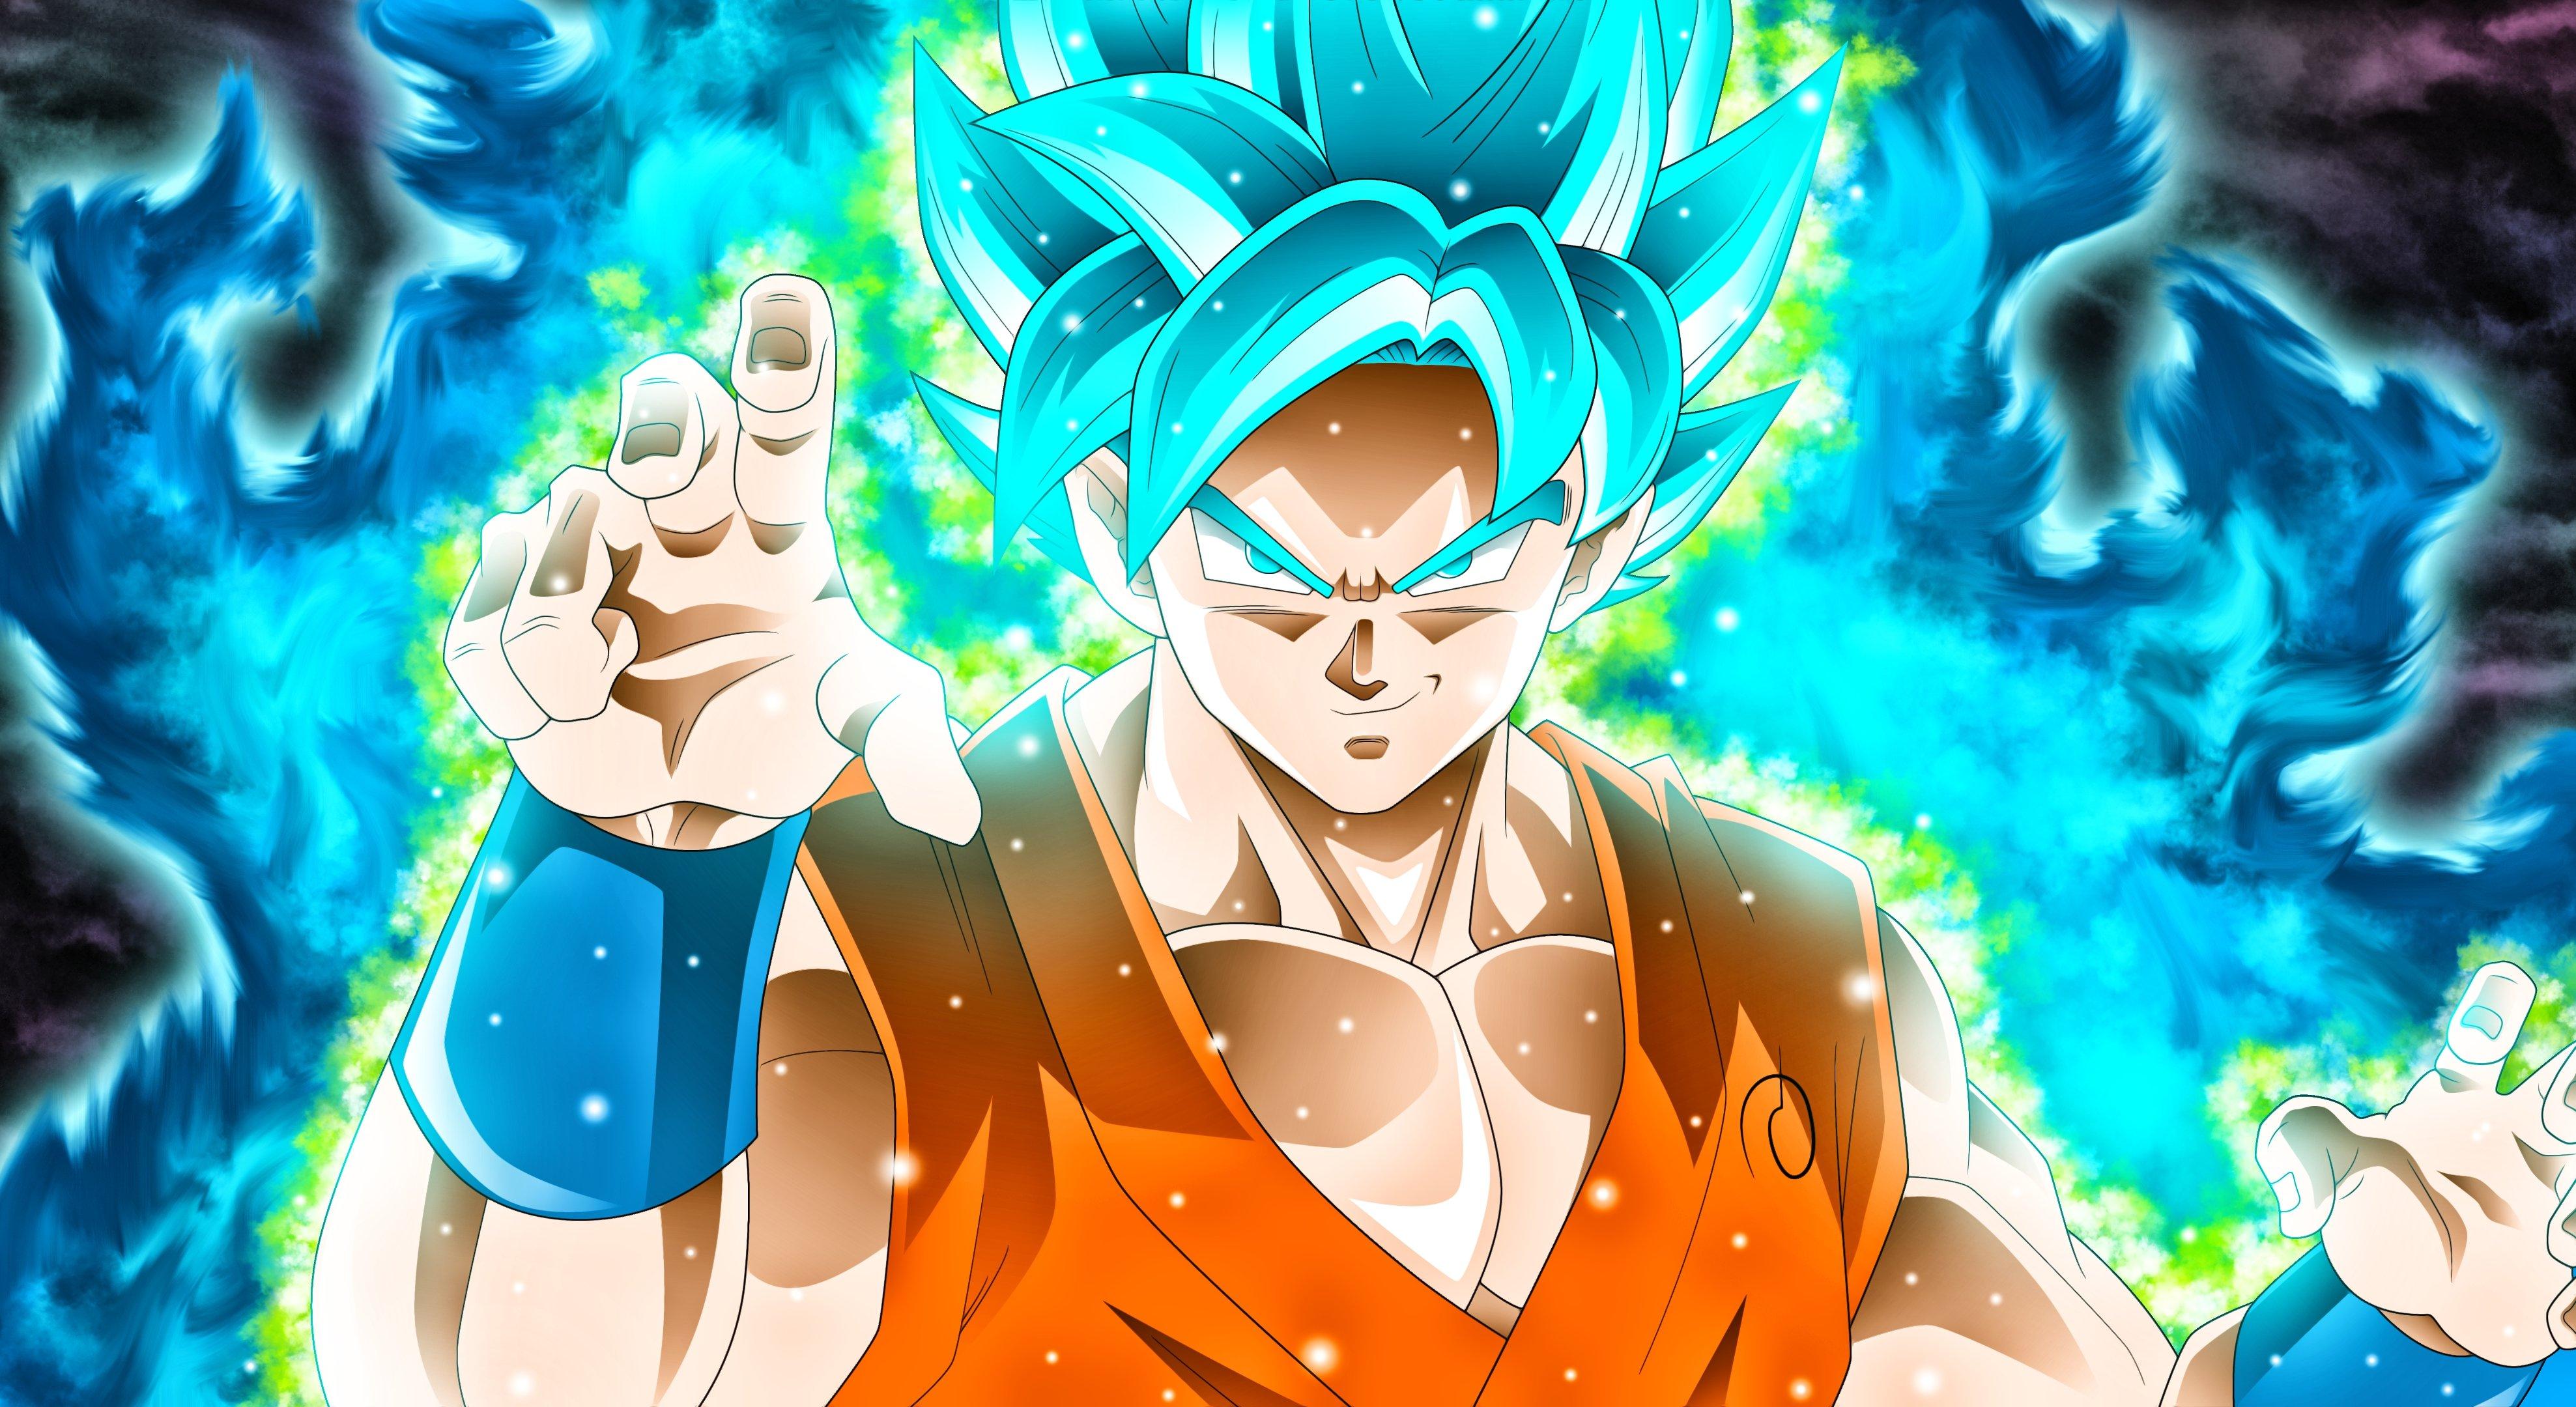 Fondos de pantalla Anime Goku Super Saiyan Blue Dragon Ball Super